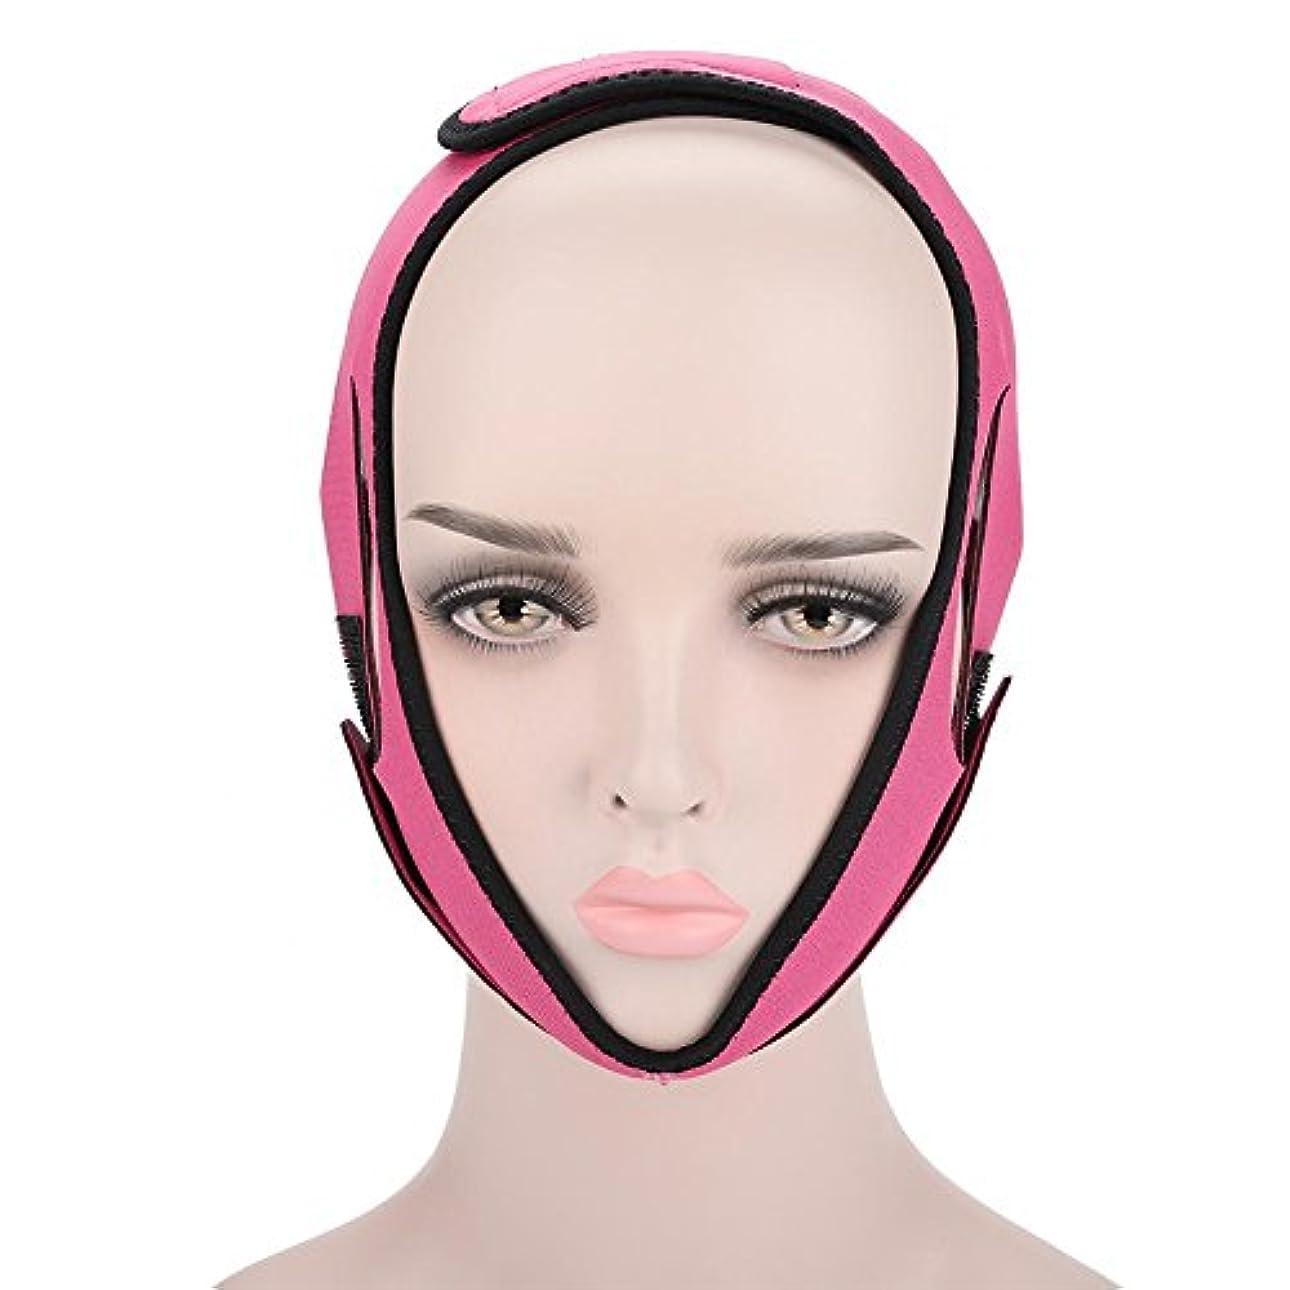 暫定のコンパクトカテナフェイススリミング包帯 顔の包帯フェイシャルスリミングマスクフェイシャルケアのためのフェイシャルベルト薄い首のフェイスリフトダブルチン女性のための(3#)